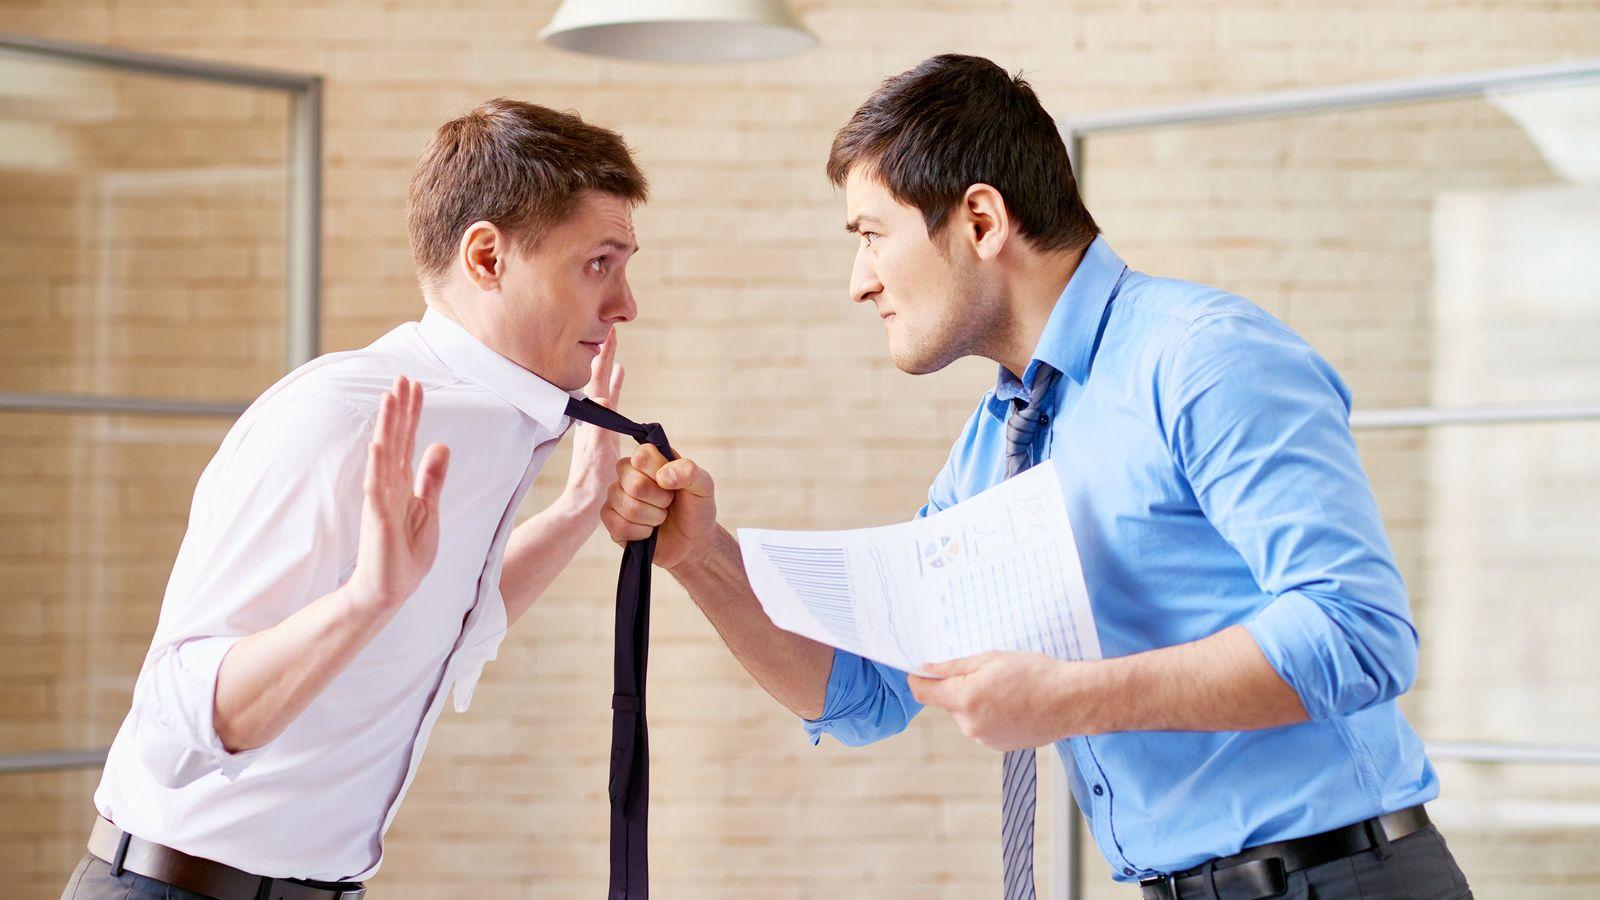 """出世する人の共通点が""""礼儀正しさ""""であるワケ 礼節に欠けた上司への忠誠心は低い"""